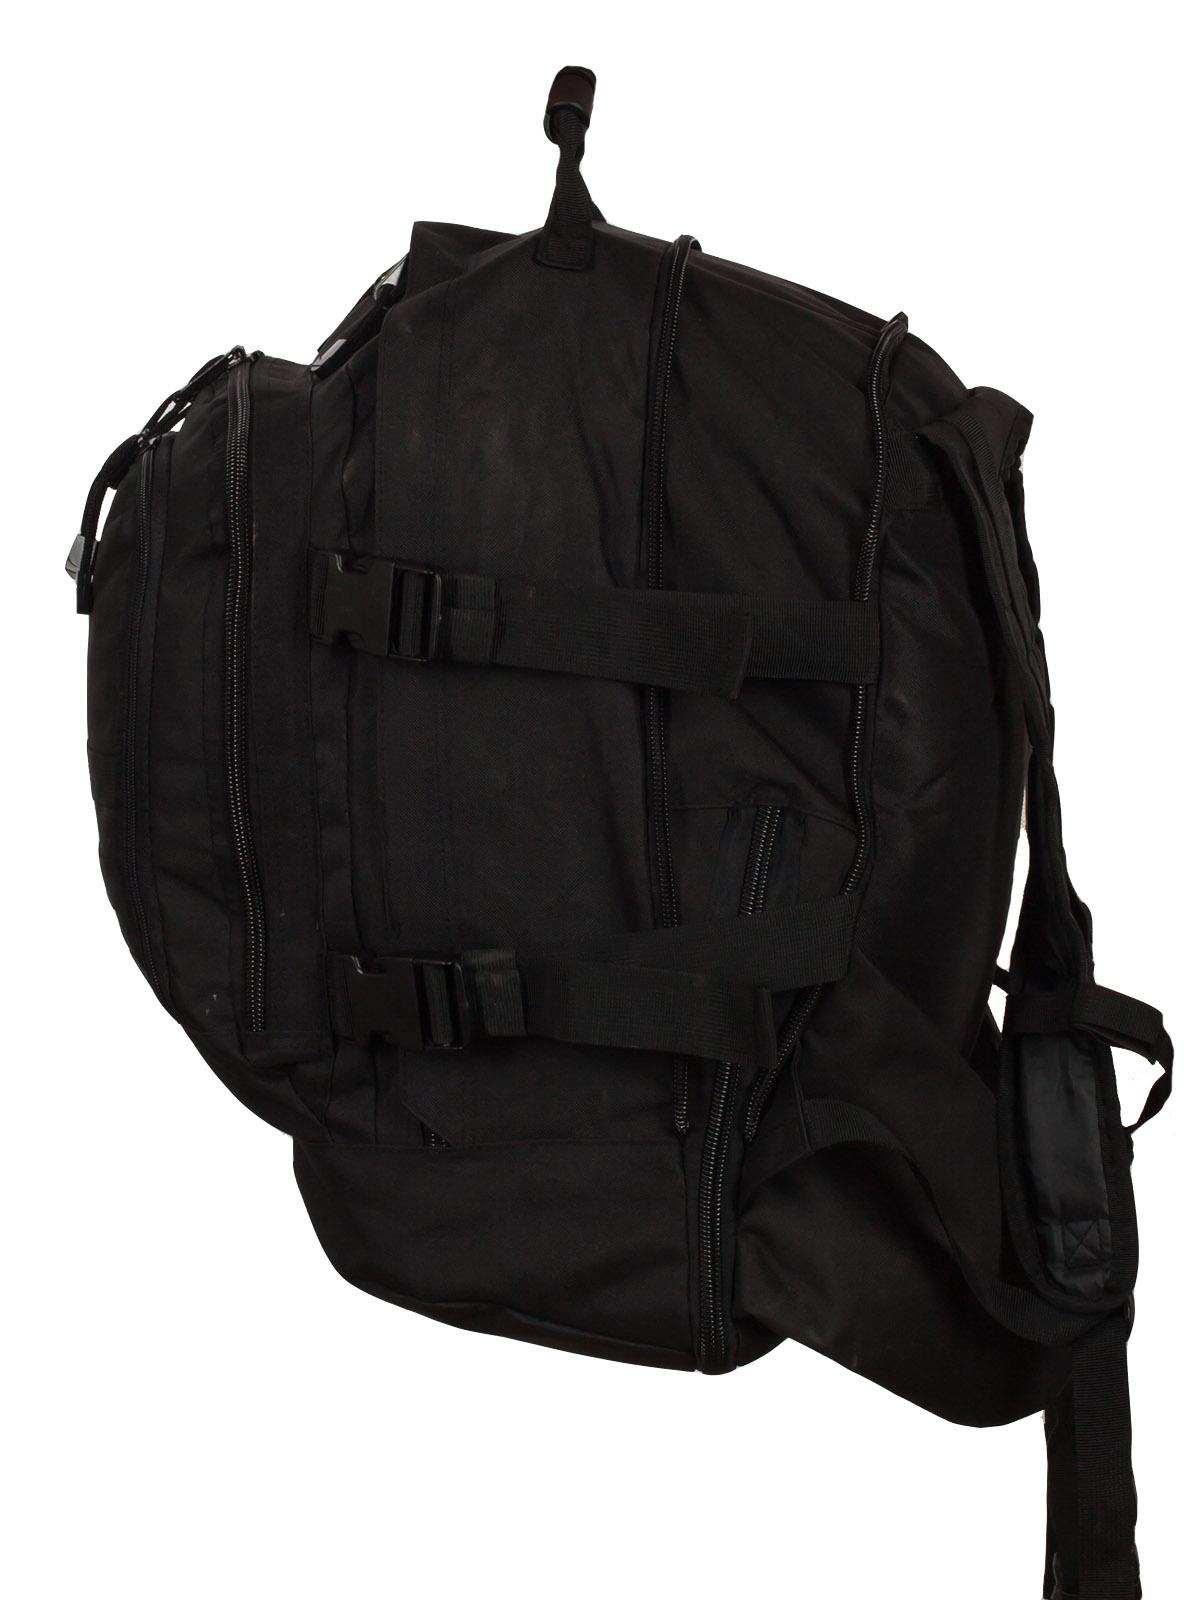 Черный армейский рюкзак 3-Day Expandable Backpack 08002A Black с эмблемой СССР заказать в Военпро